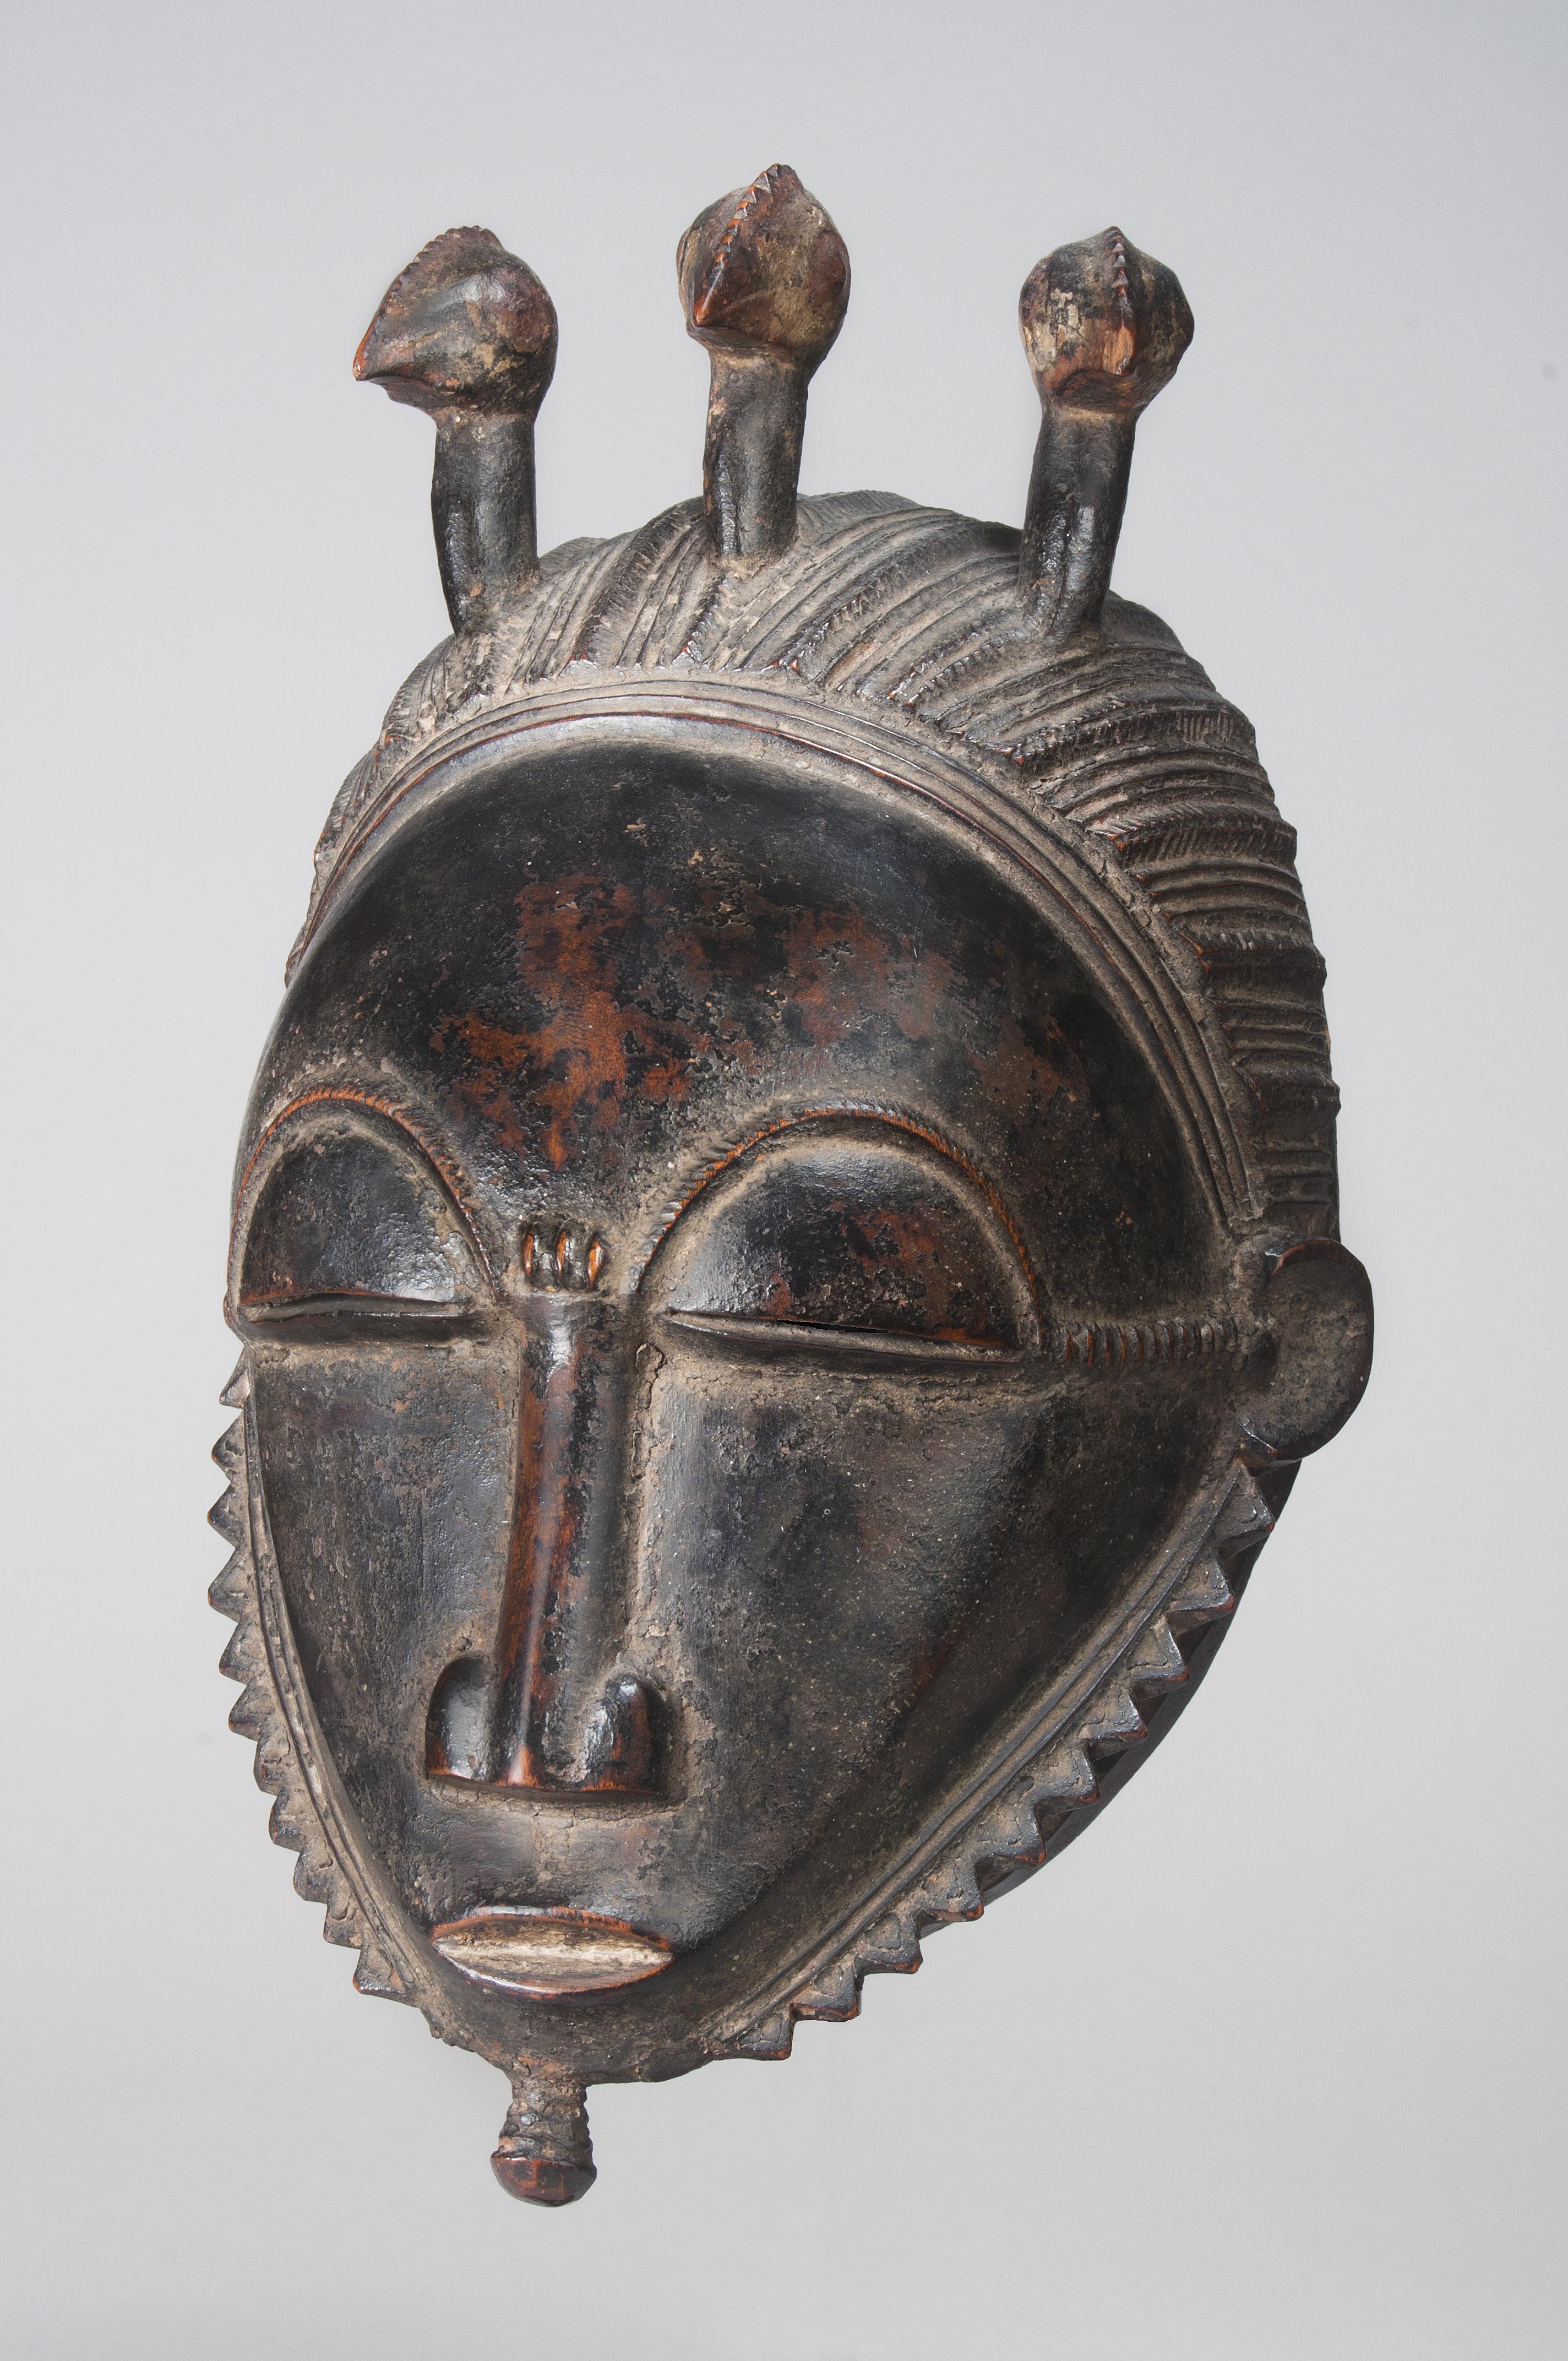 masque africain avec oiseau sur la tete